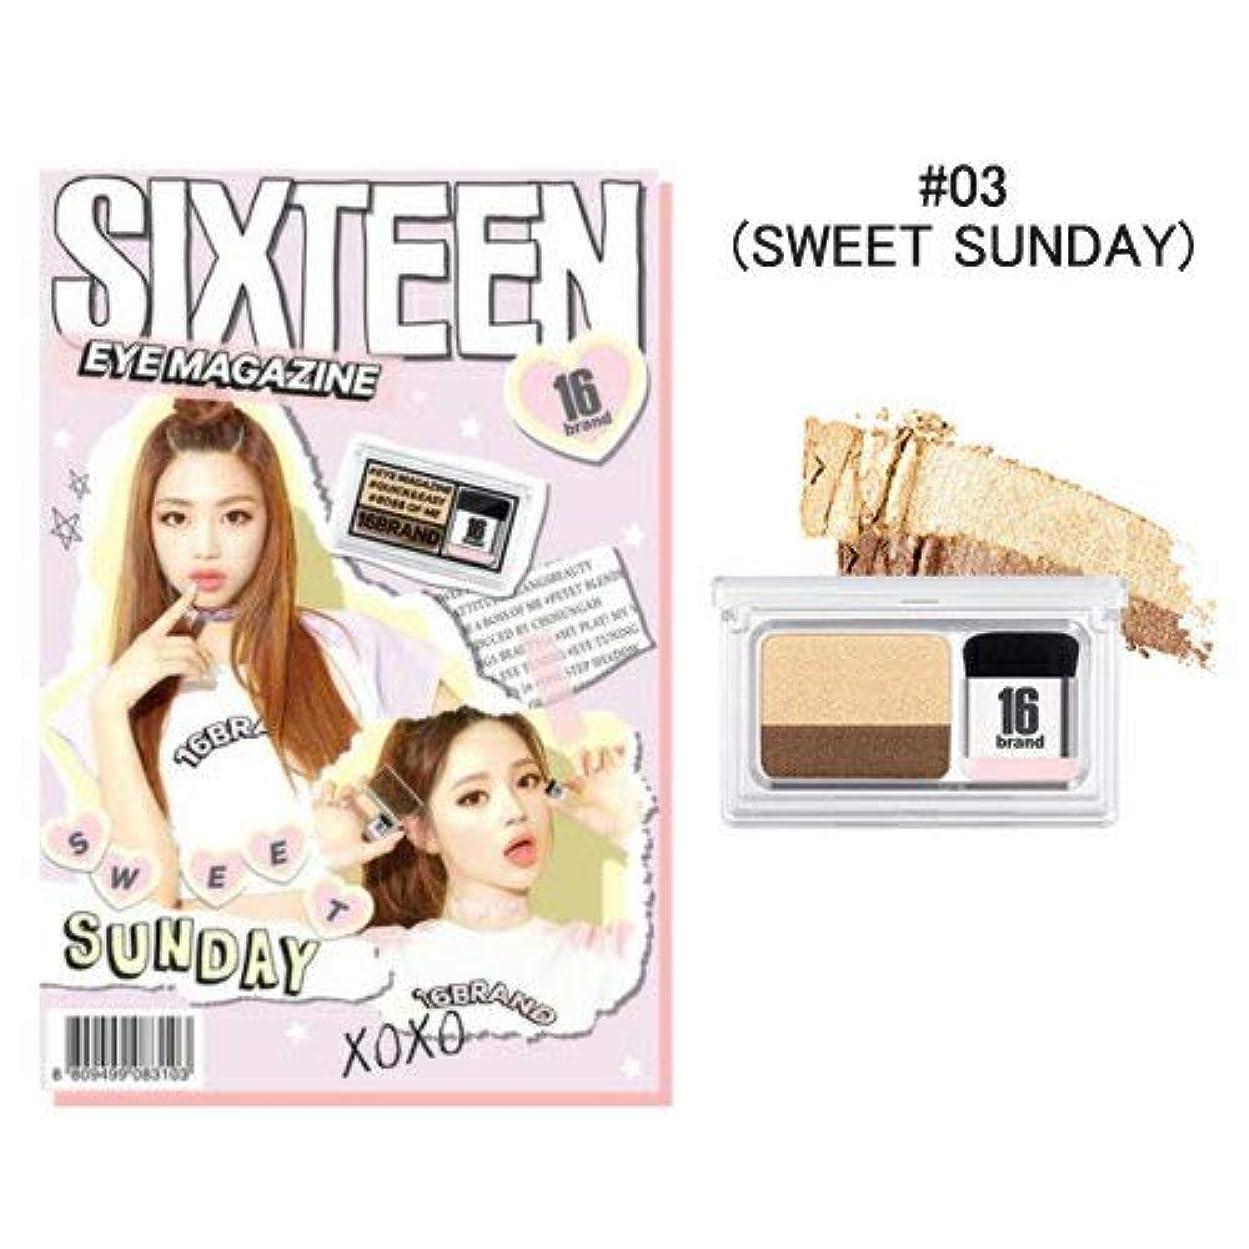 シャトル報復のホスト[New Color] 16brand Sixteen Eye Magazine 2g /16ブランド シックスティーン アイ マガジン 2g (#03 SWEET SUNDAY) [並行輸入品]